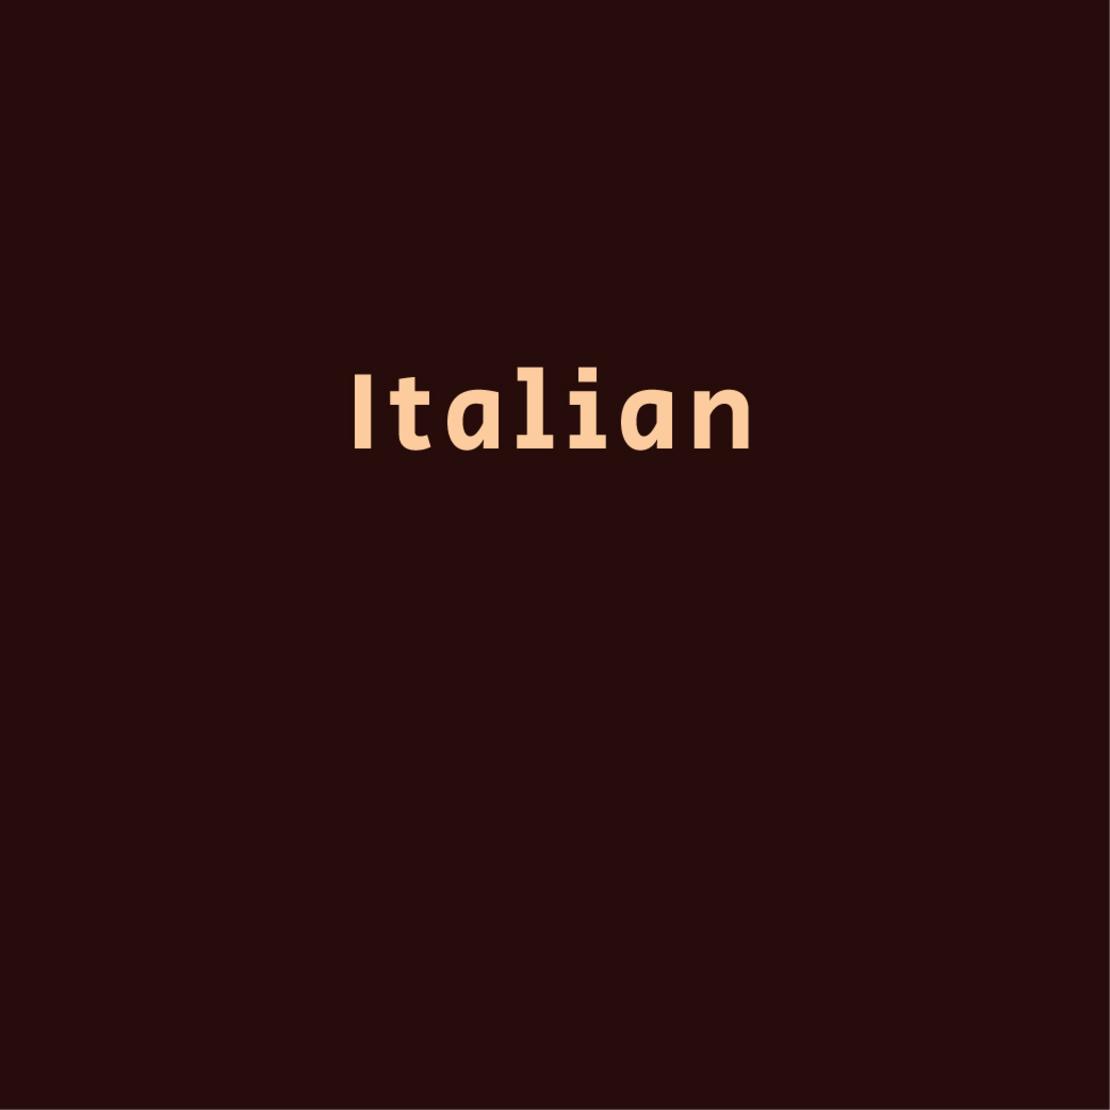 איטלקי